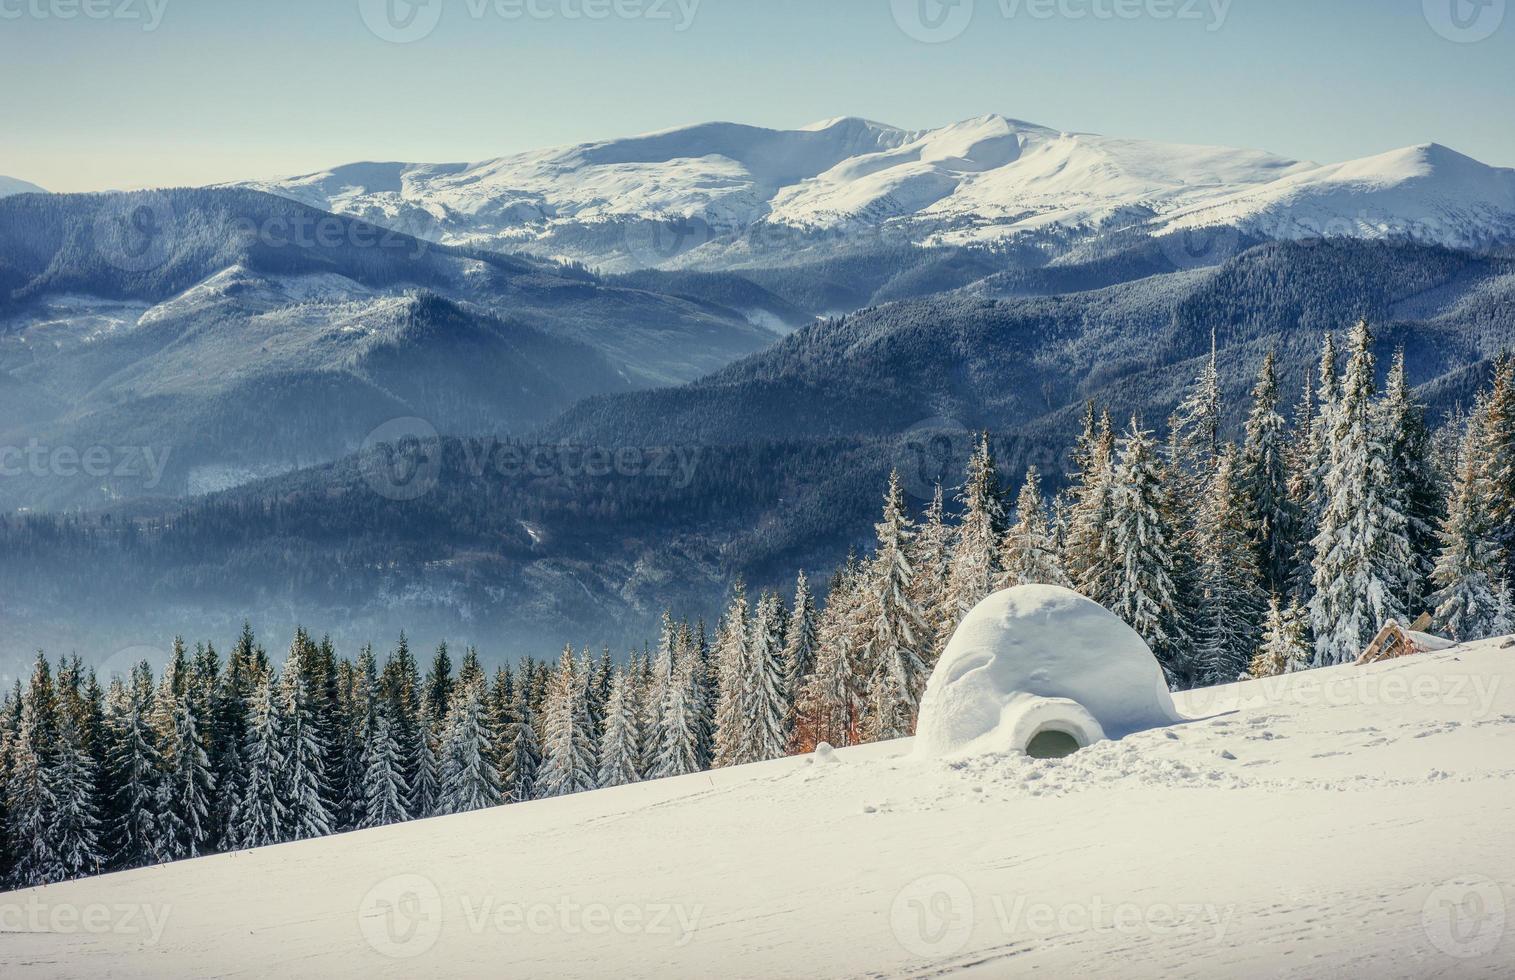 yourte dans les montagnes de brouillard d'hiver. Carpates, Ukraine, Europe. photo